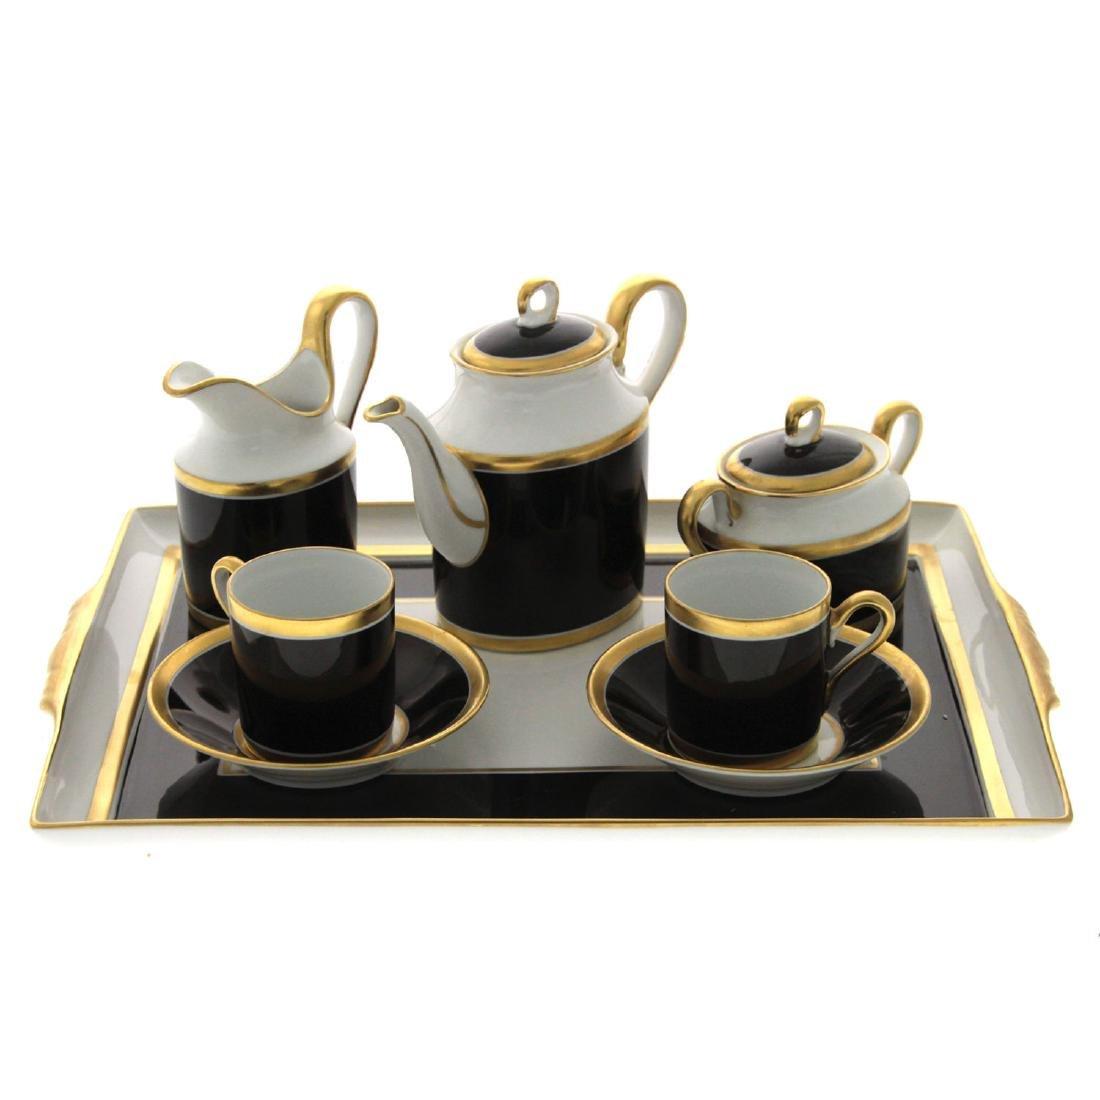 Richard Ginori Doccia Porcelain Tea for Two Set.